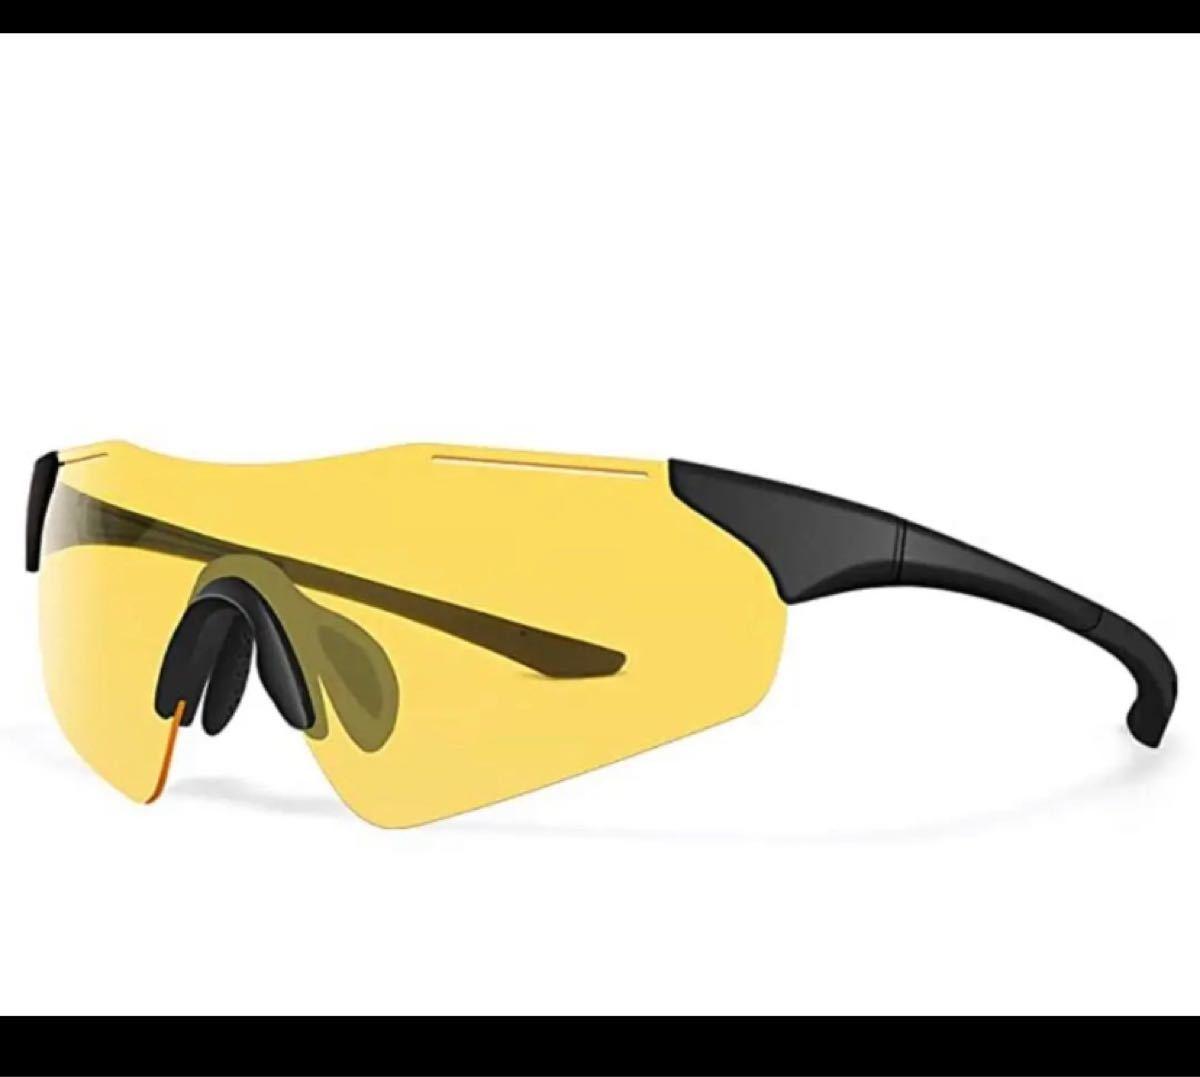 【新品】スポーツサングラス 偏光レンズ 超軽量 紫外線防止  UV400